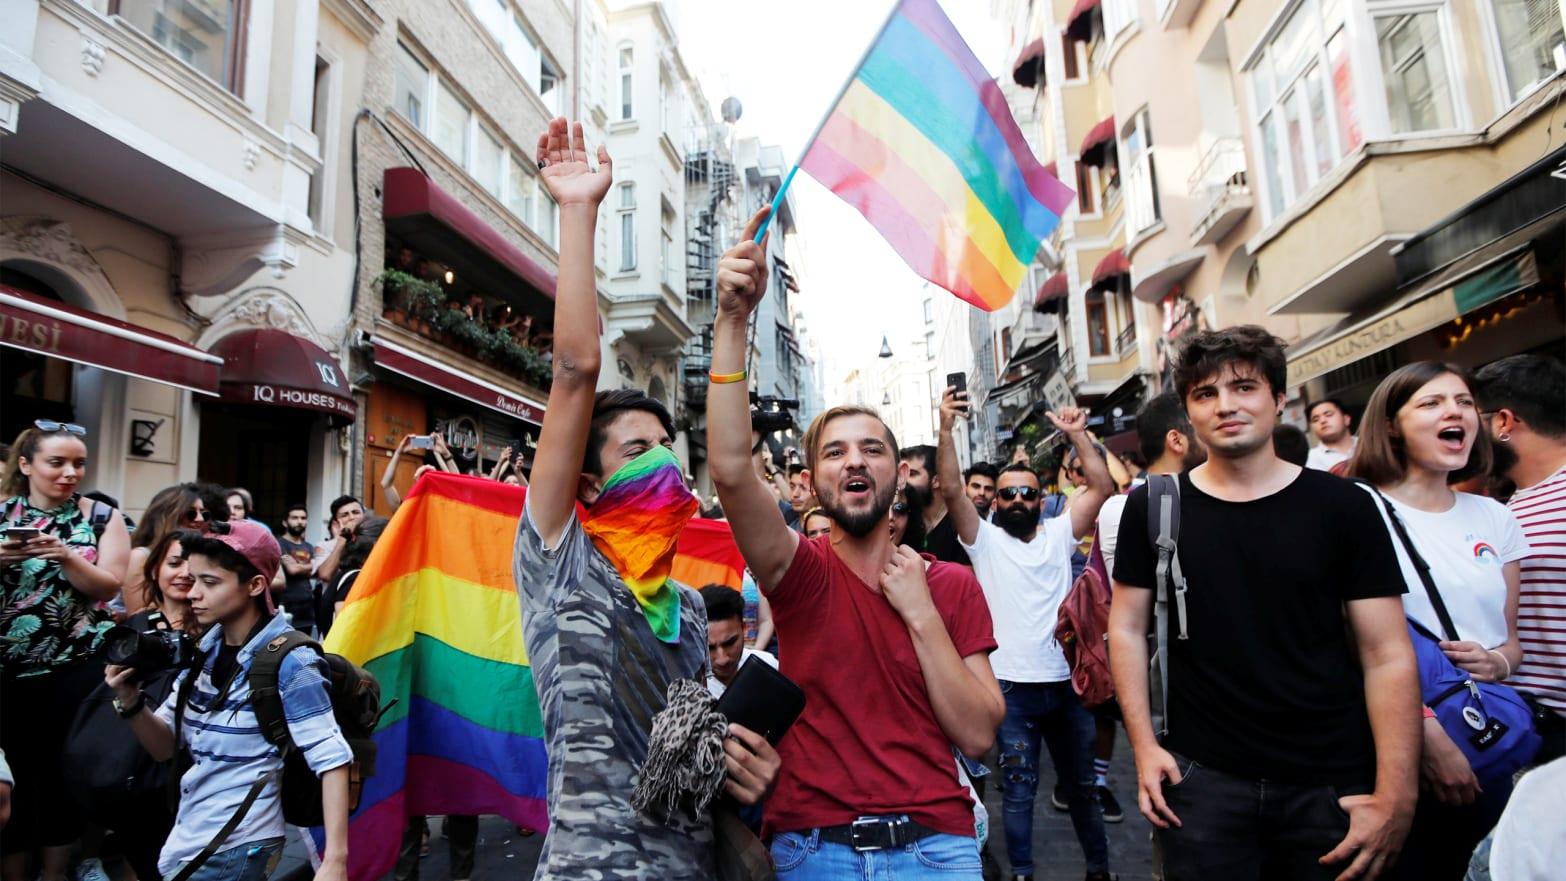 of Gay Pride demonstrations